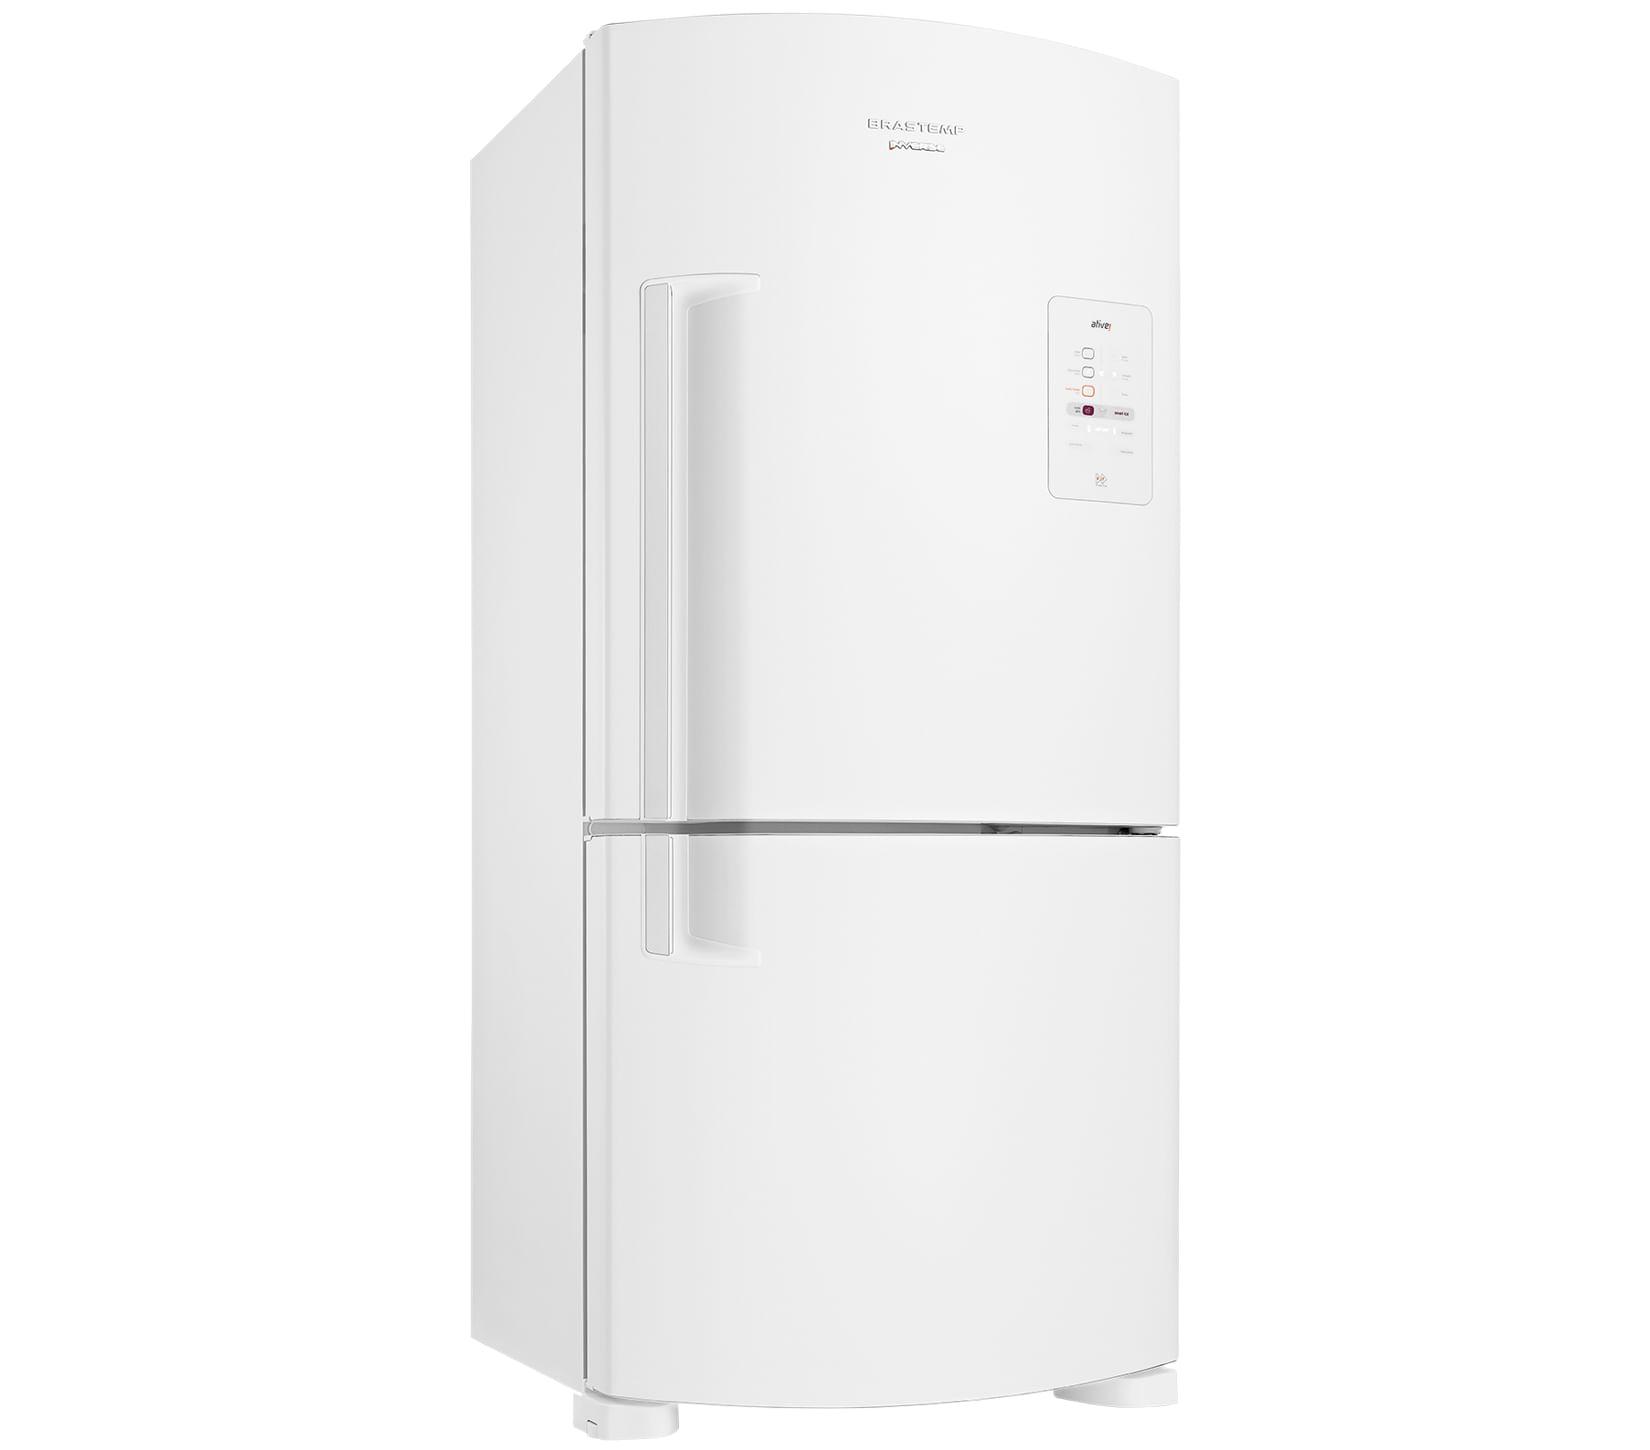 Refrigerador Brastemp Inverse Maxi BRE80AB 573 Litros Branco